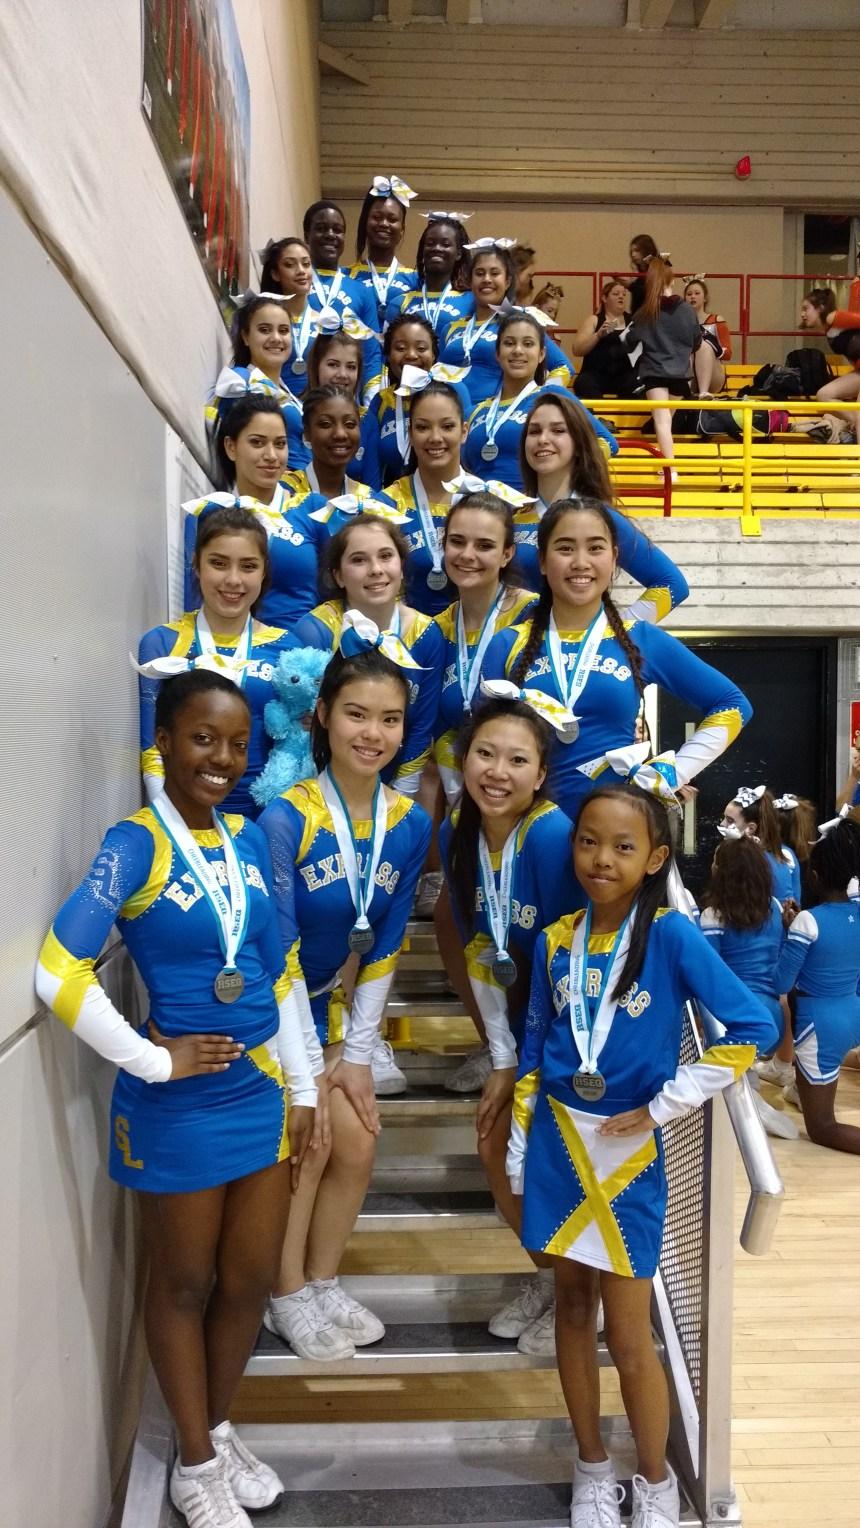 Championnat provincial de cheerleading: l'argent pour l'Express